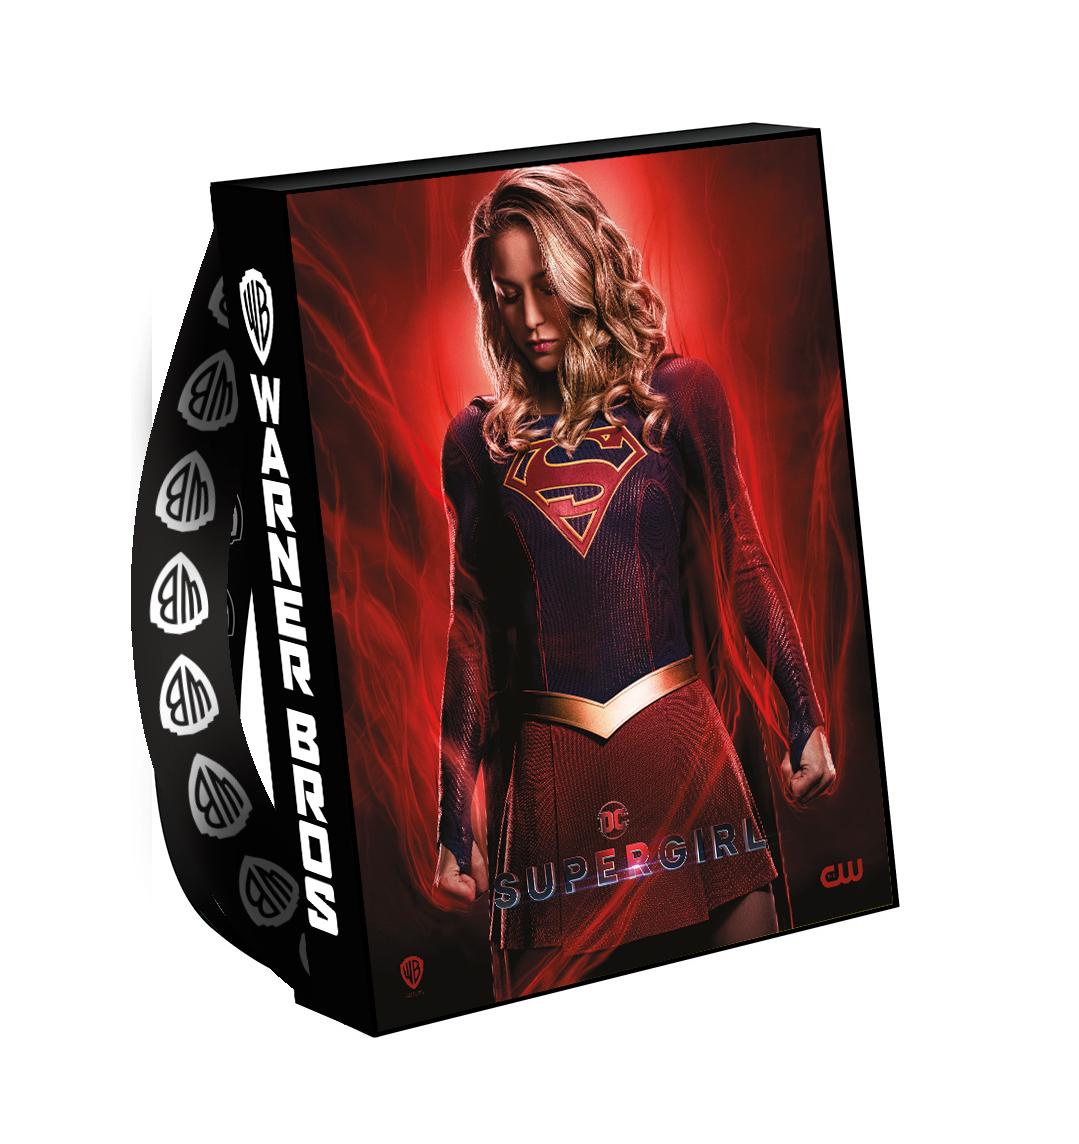 Supergirl SDCC 2019 Bag